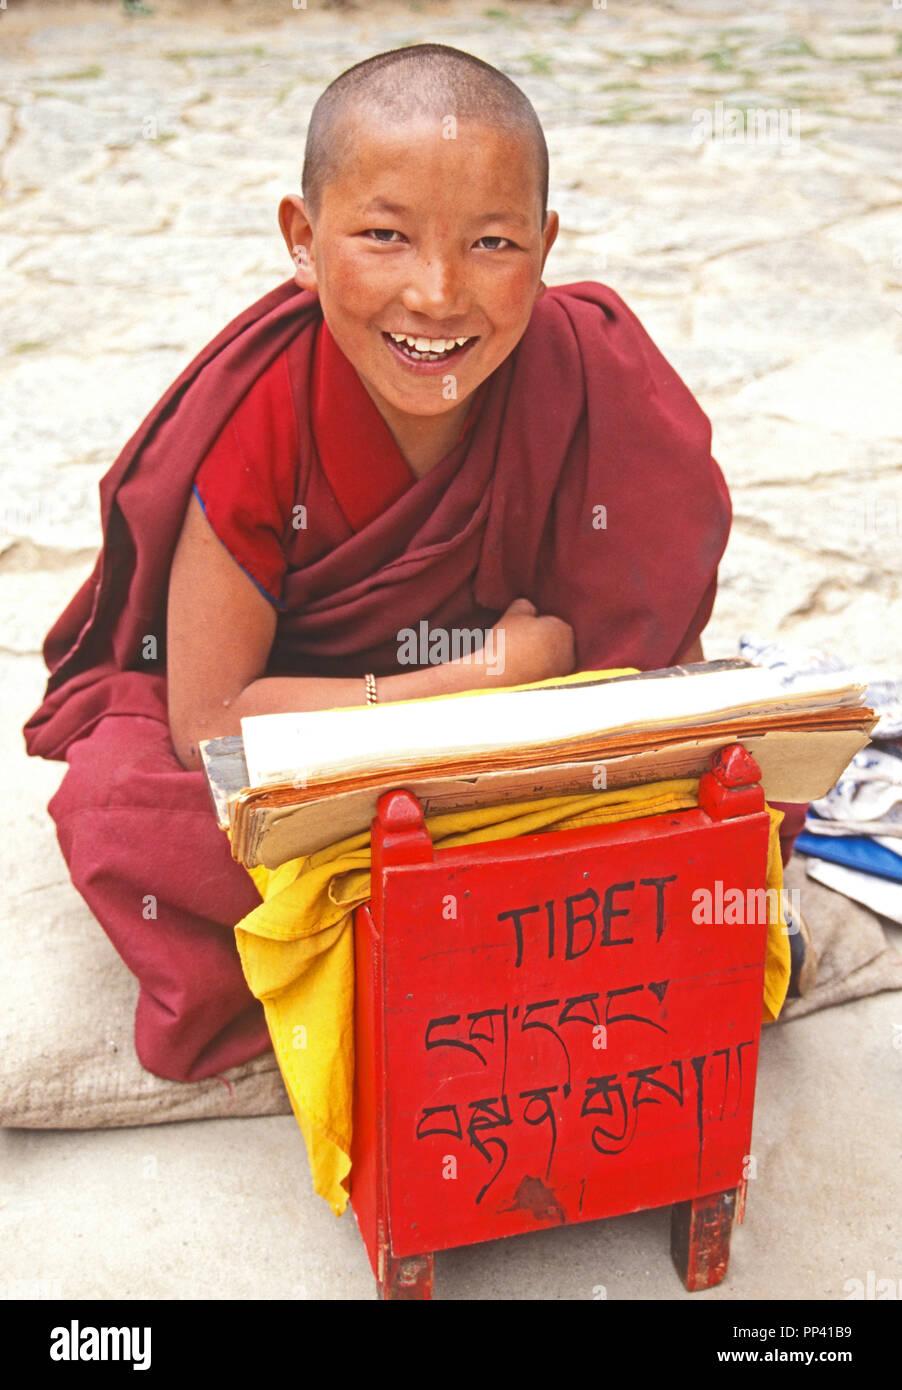 Moine novice au cours de l'étude religieuse au monastère de Drepung, près de Lhassa, au Tibet. Photo Stock